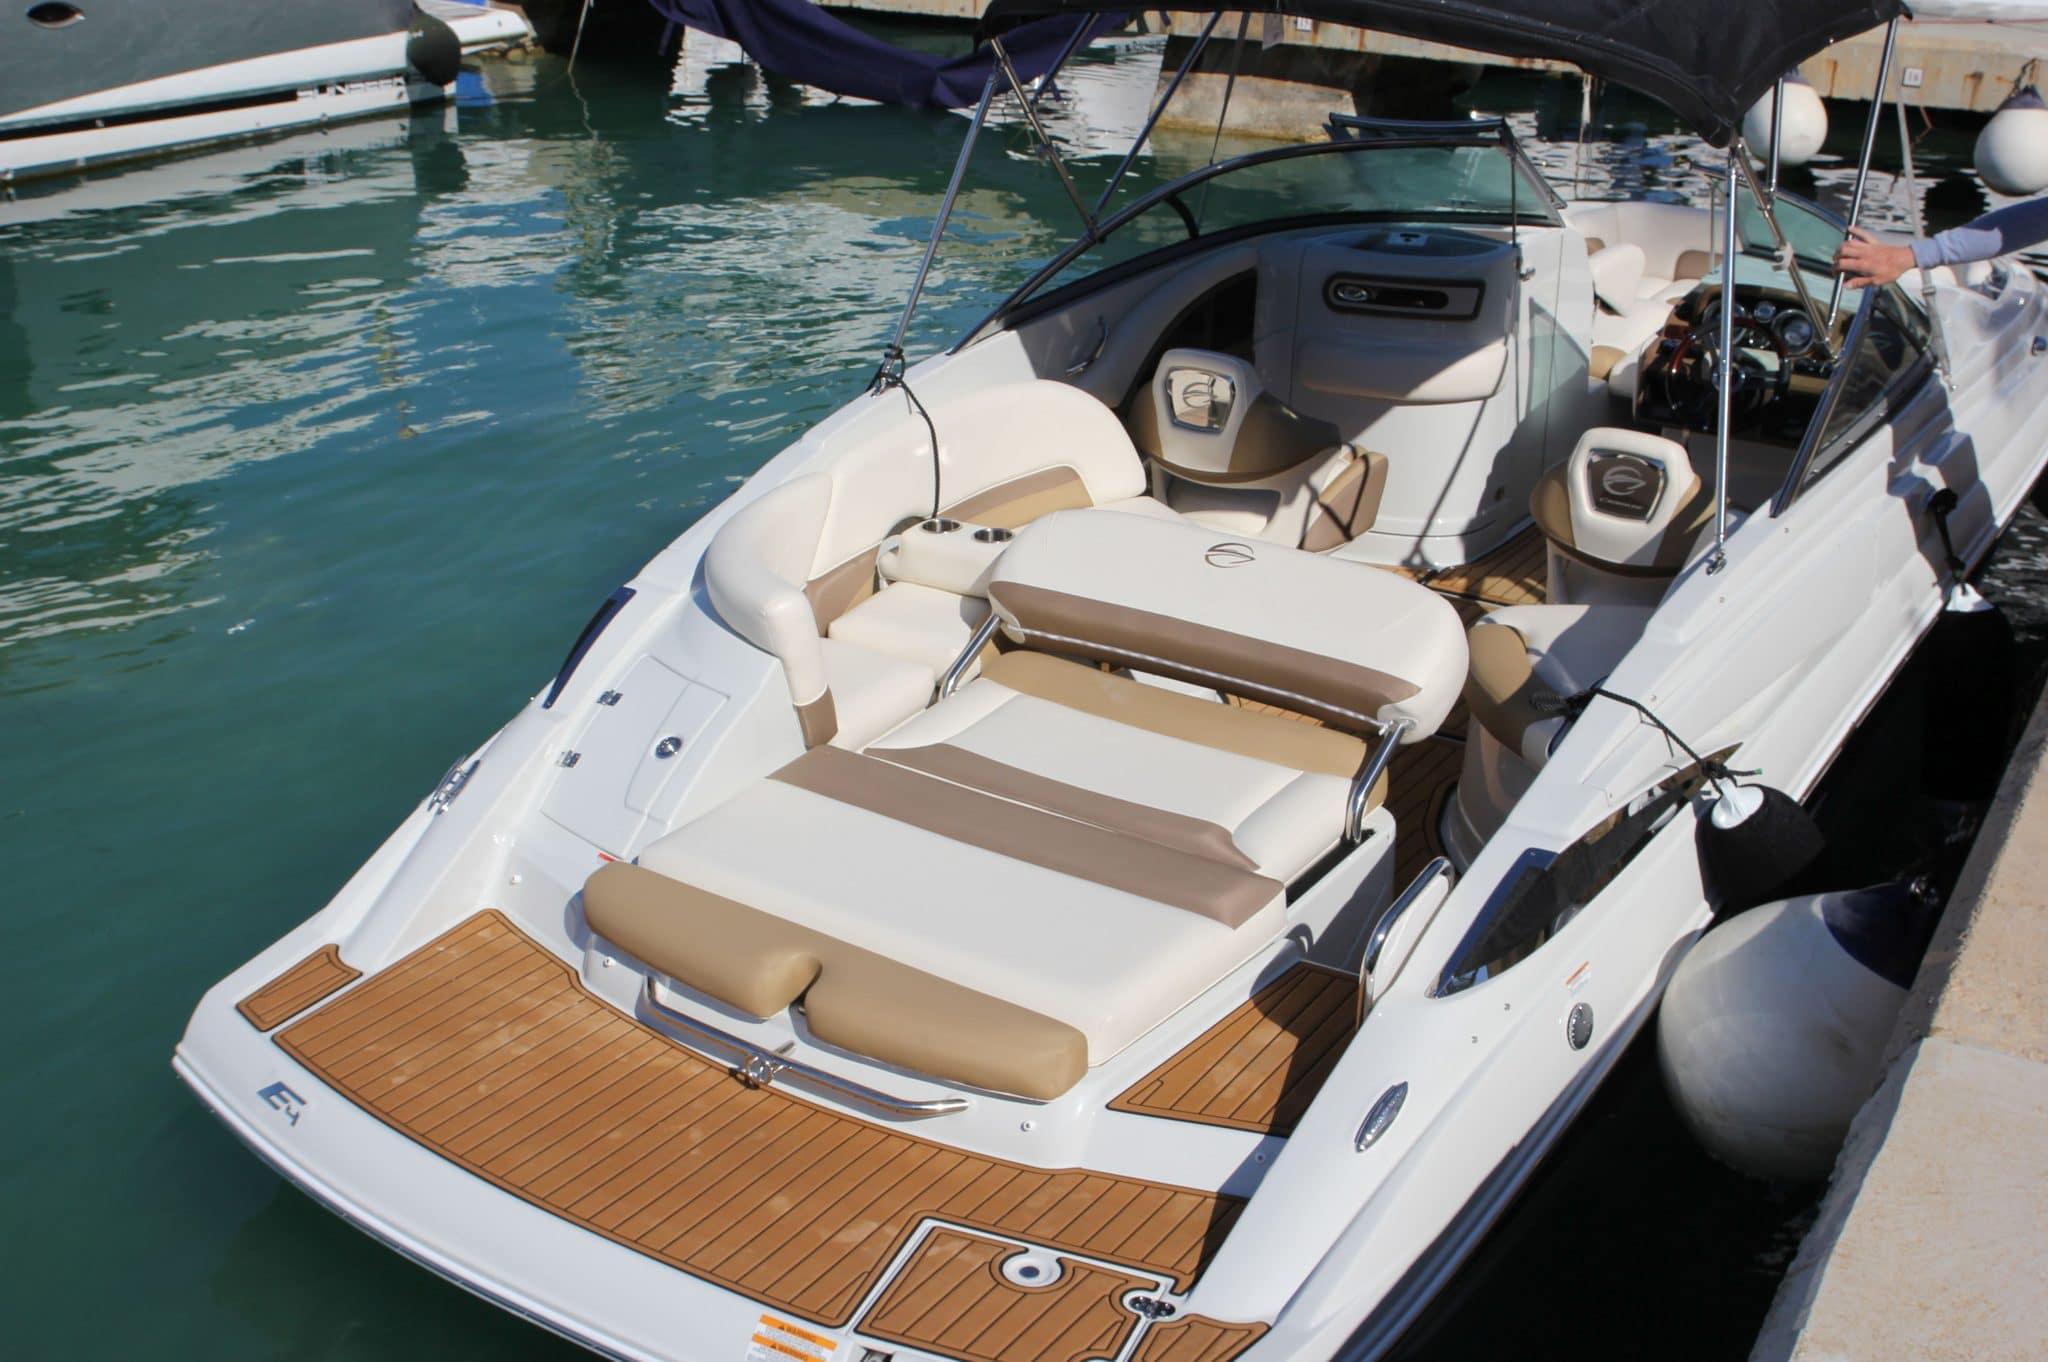 Motorboot_CrownlineE4_24ft_2-2048×1362 (1)